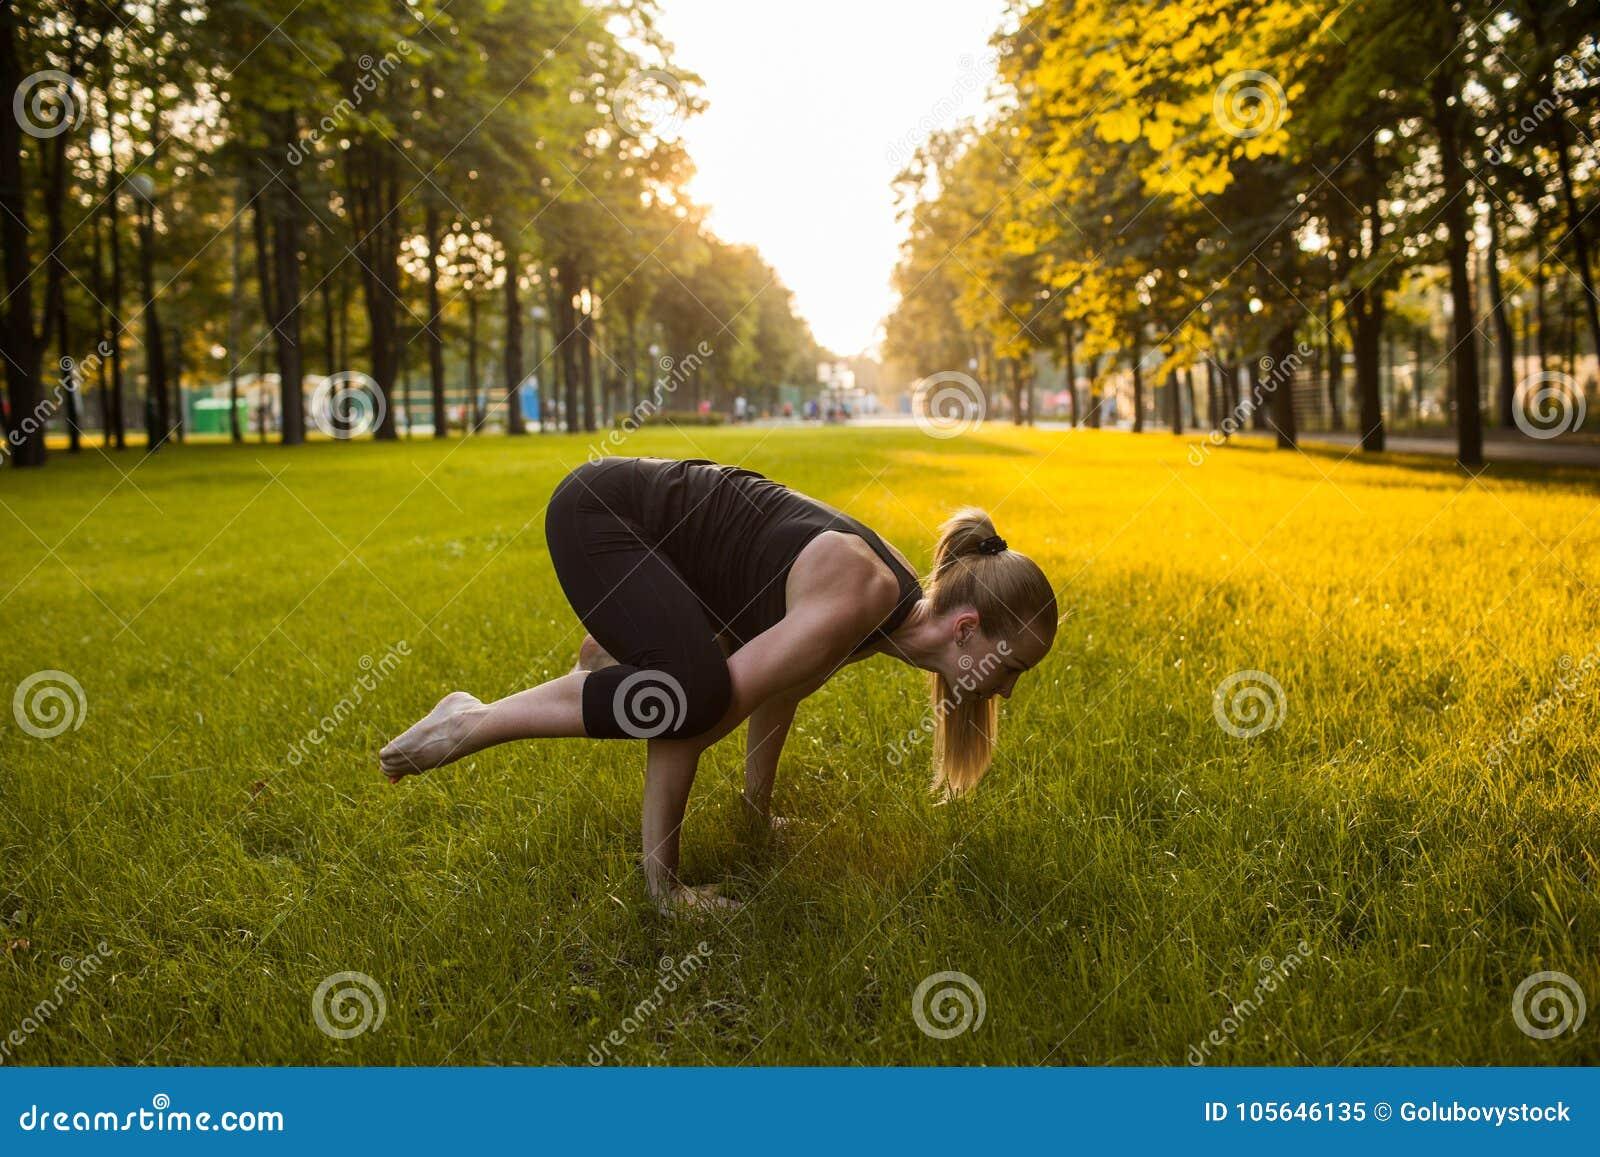 https://thumbs.dreamstime.com/z/yoga-open-air-sport-background-concept-inner-harmony-self-development-exercises-tonus-flexibility-power-yoga-105646135.jpg